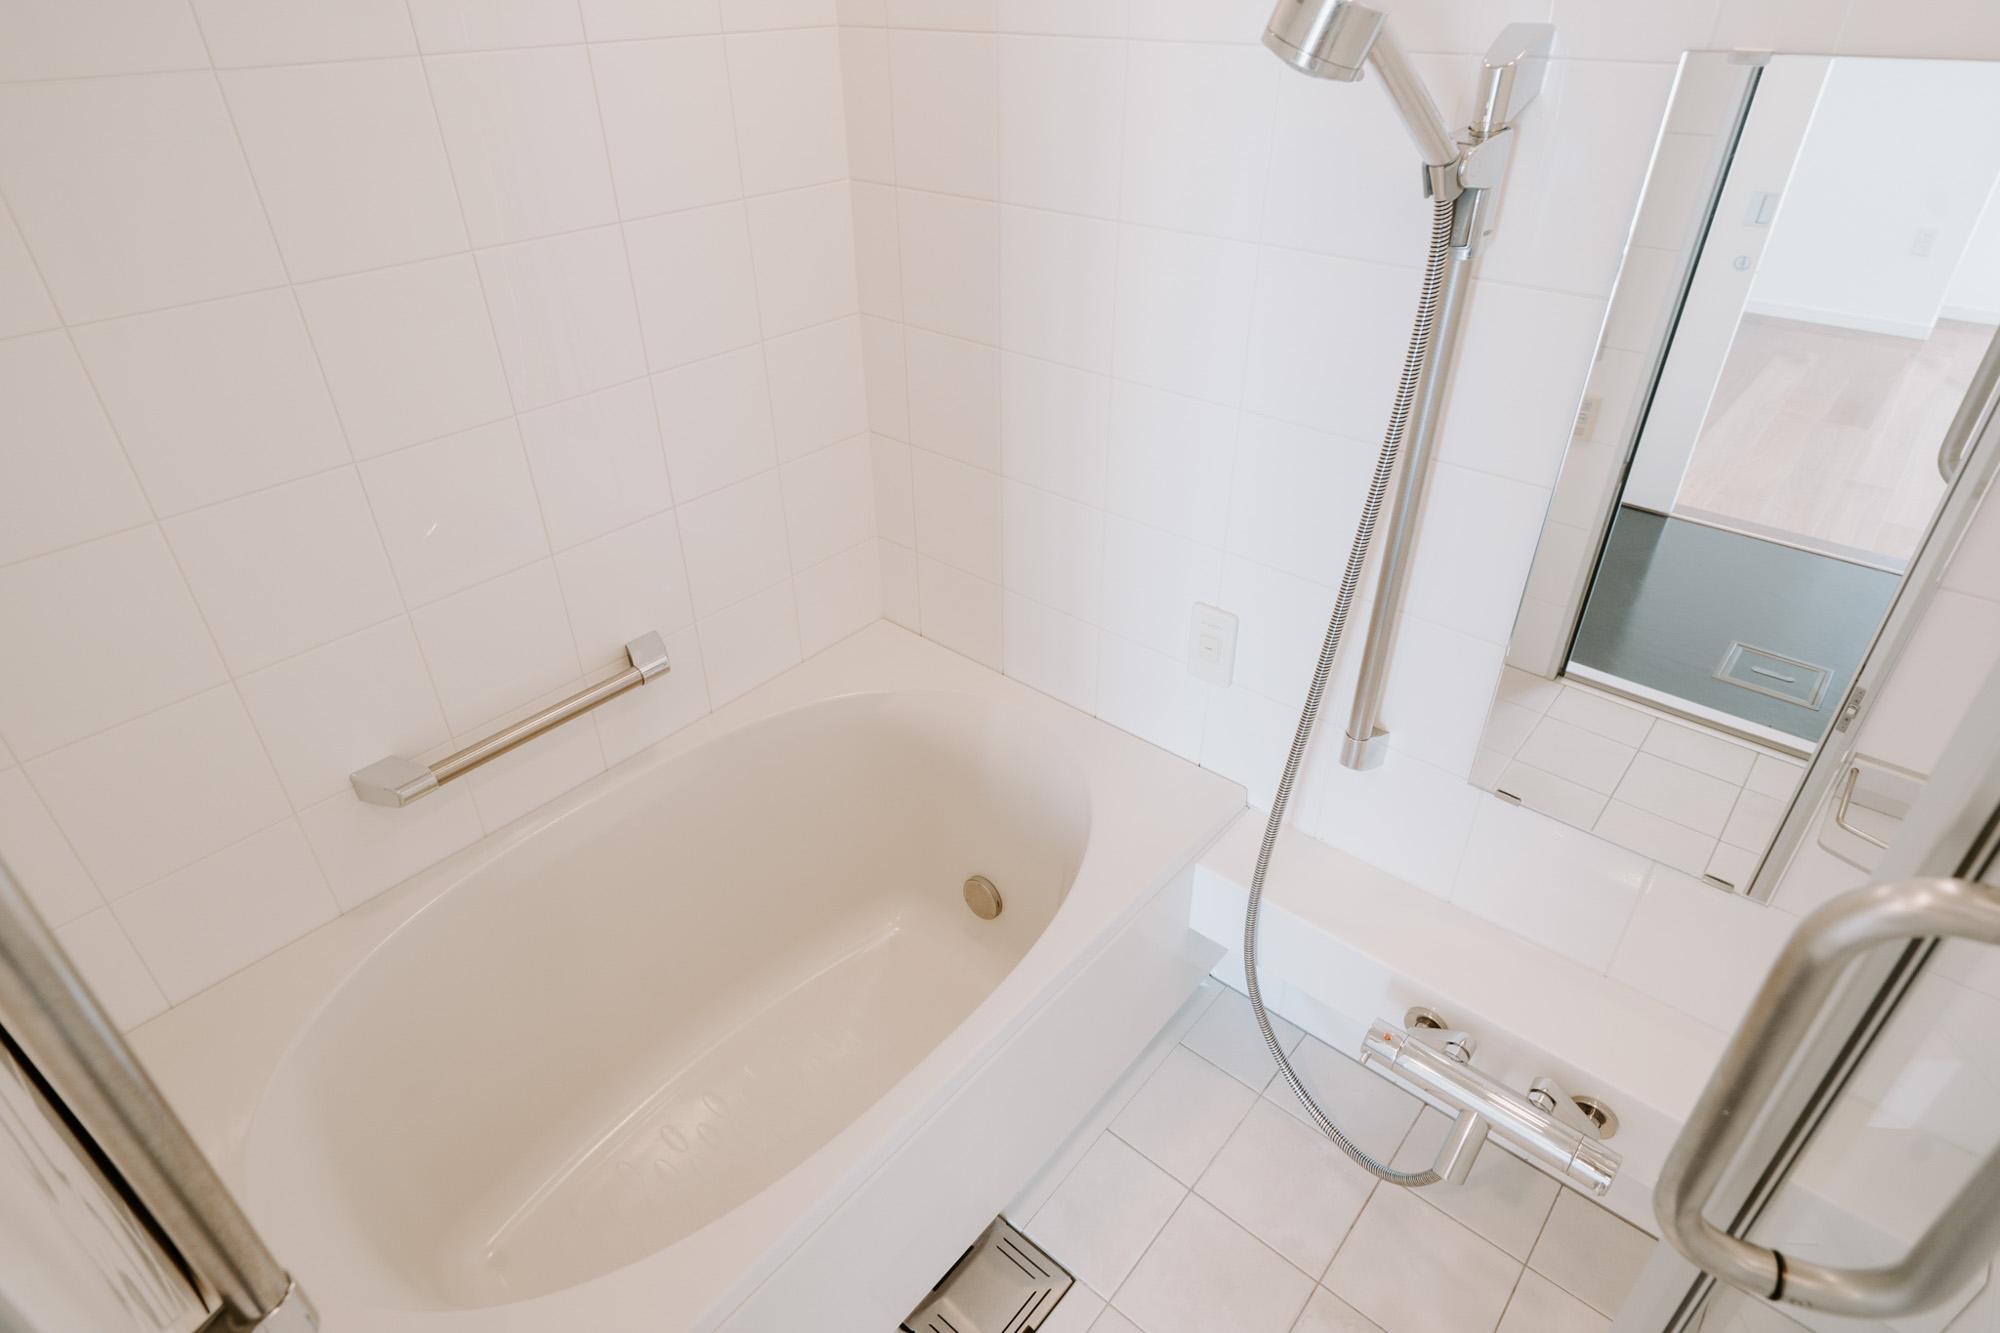 お風呂も、ゴージャスなものがついていました!ゆったりの浴槽に、浴室乾燥機能、涼風・暖房機能もしっかり備えています。